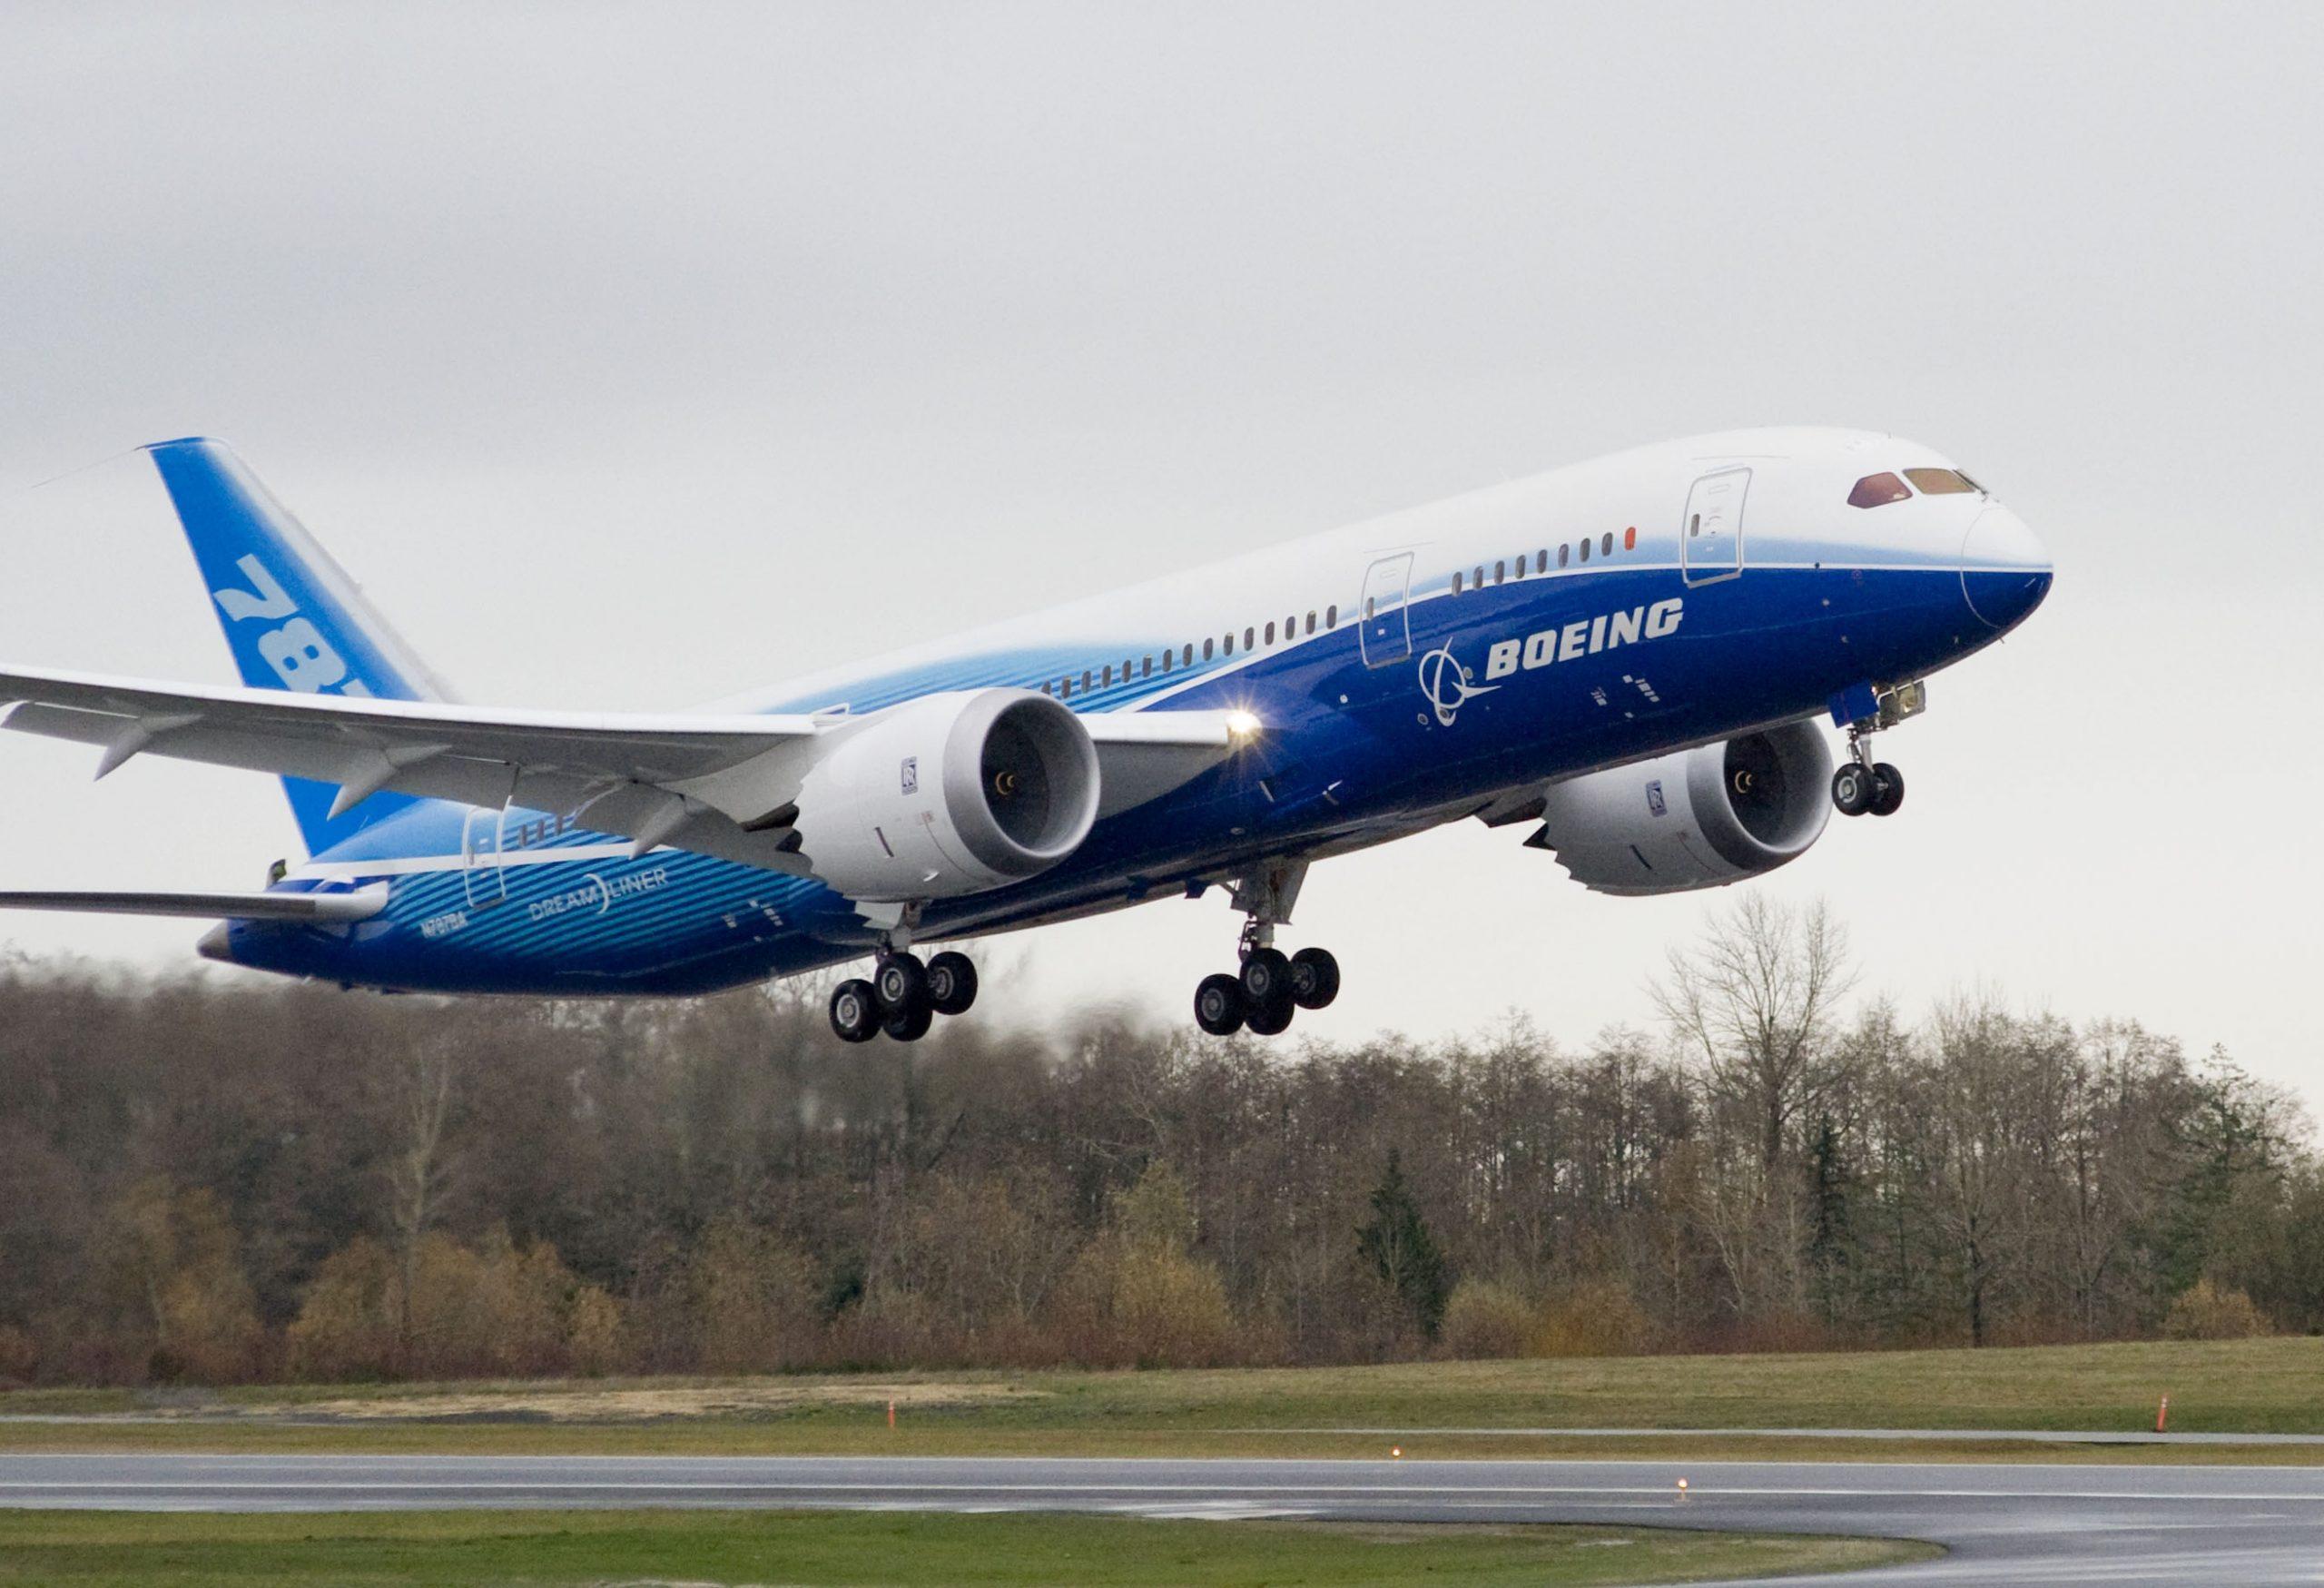 Den første testflyvning af en Boeing B787 letter i december 2009 fra Everett ved Seattle – foreløbig flyver over 900 eksemplarer af typen. Pressefoto: Boeing.